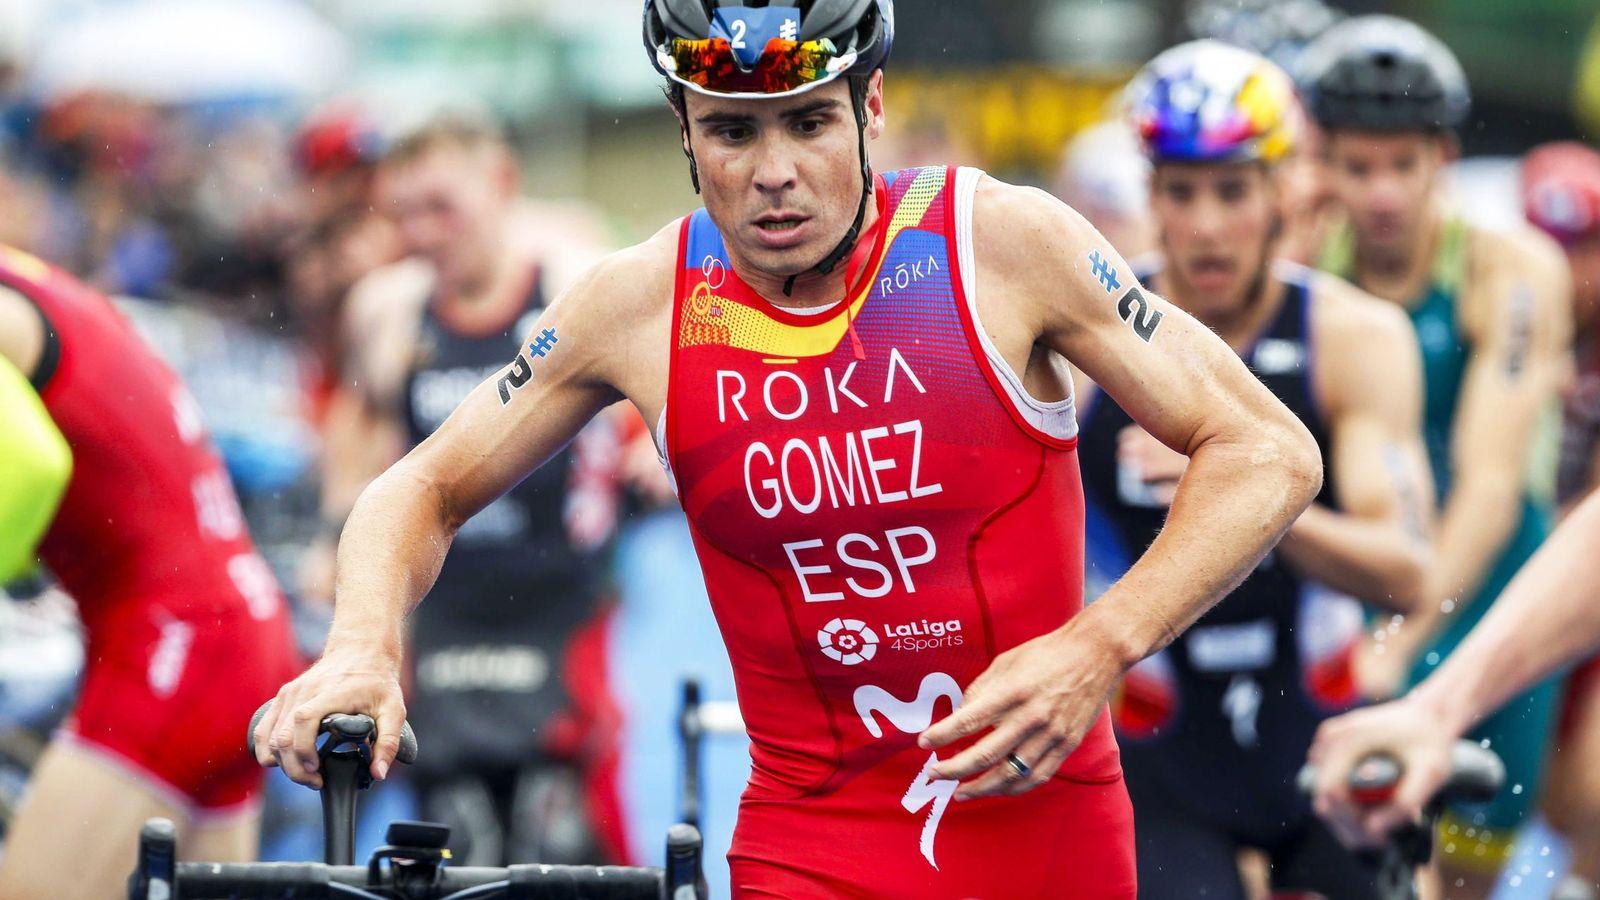 Foto: El triatleta español, Javier Gómez Noya, durante una prueba de alta competición. (Efe)